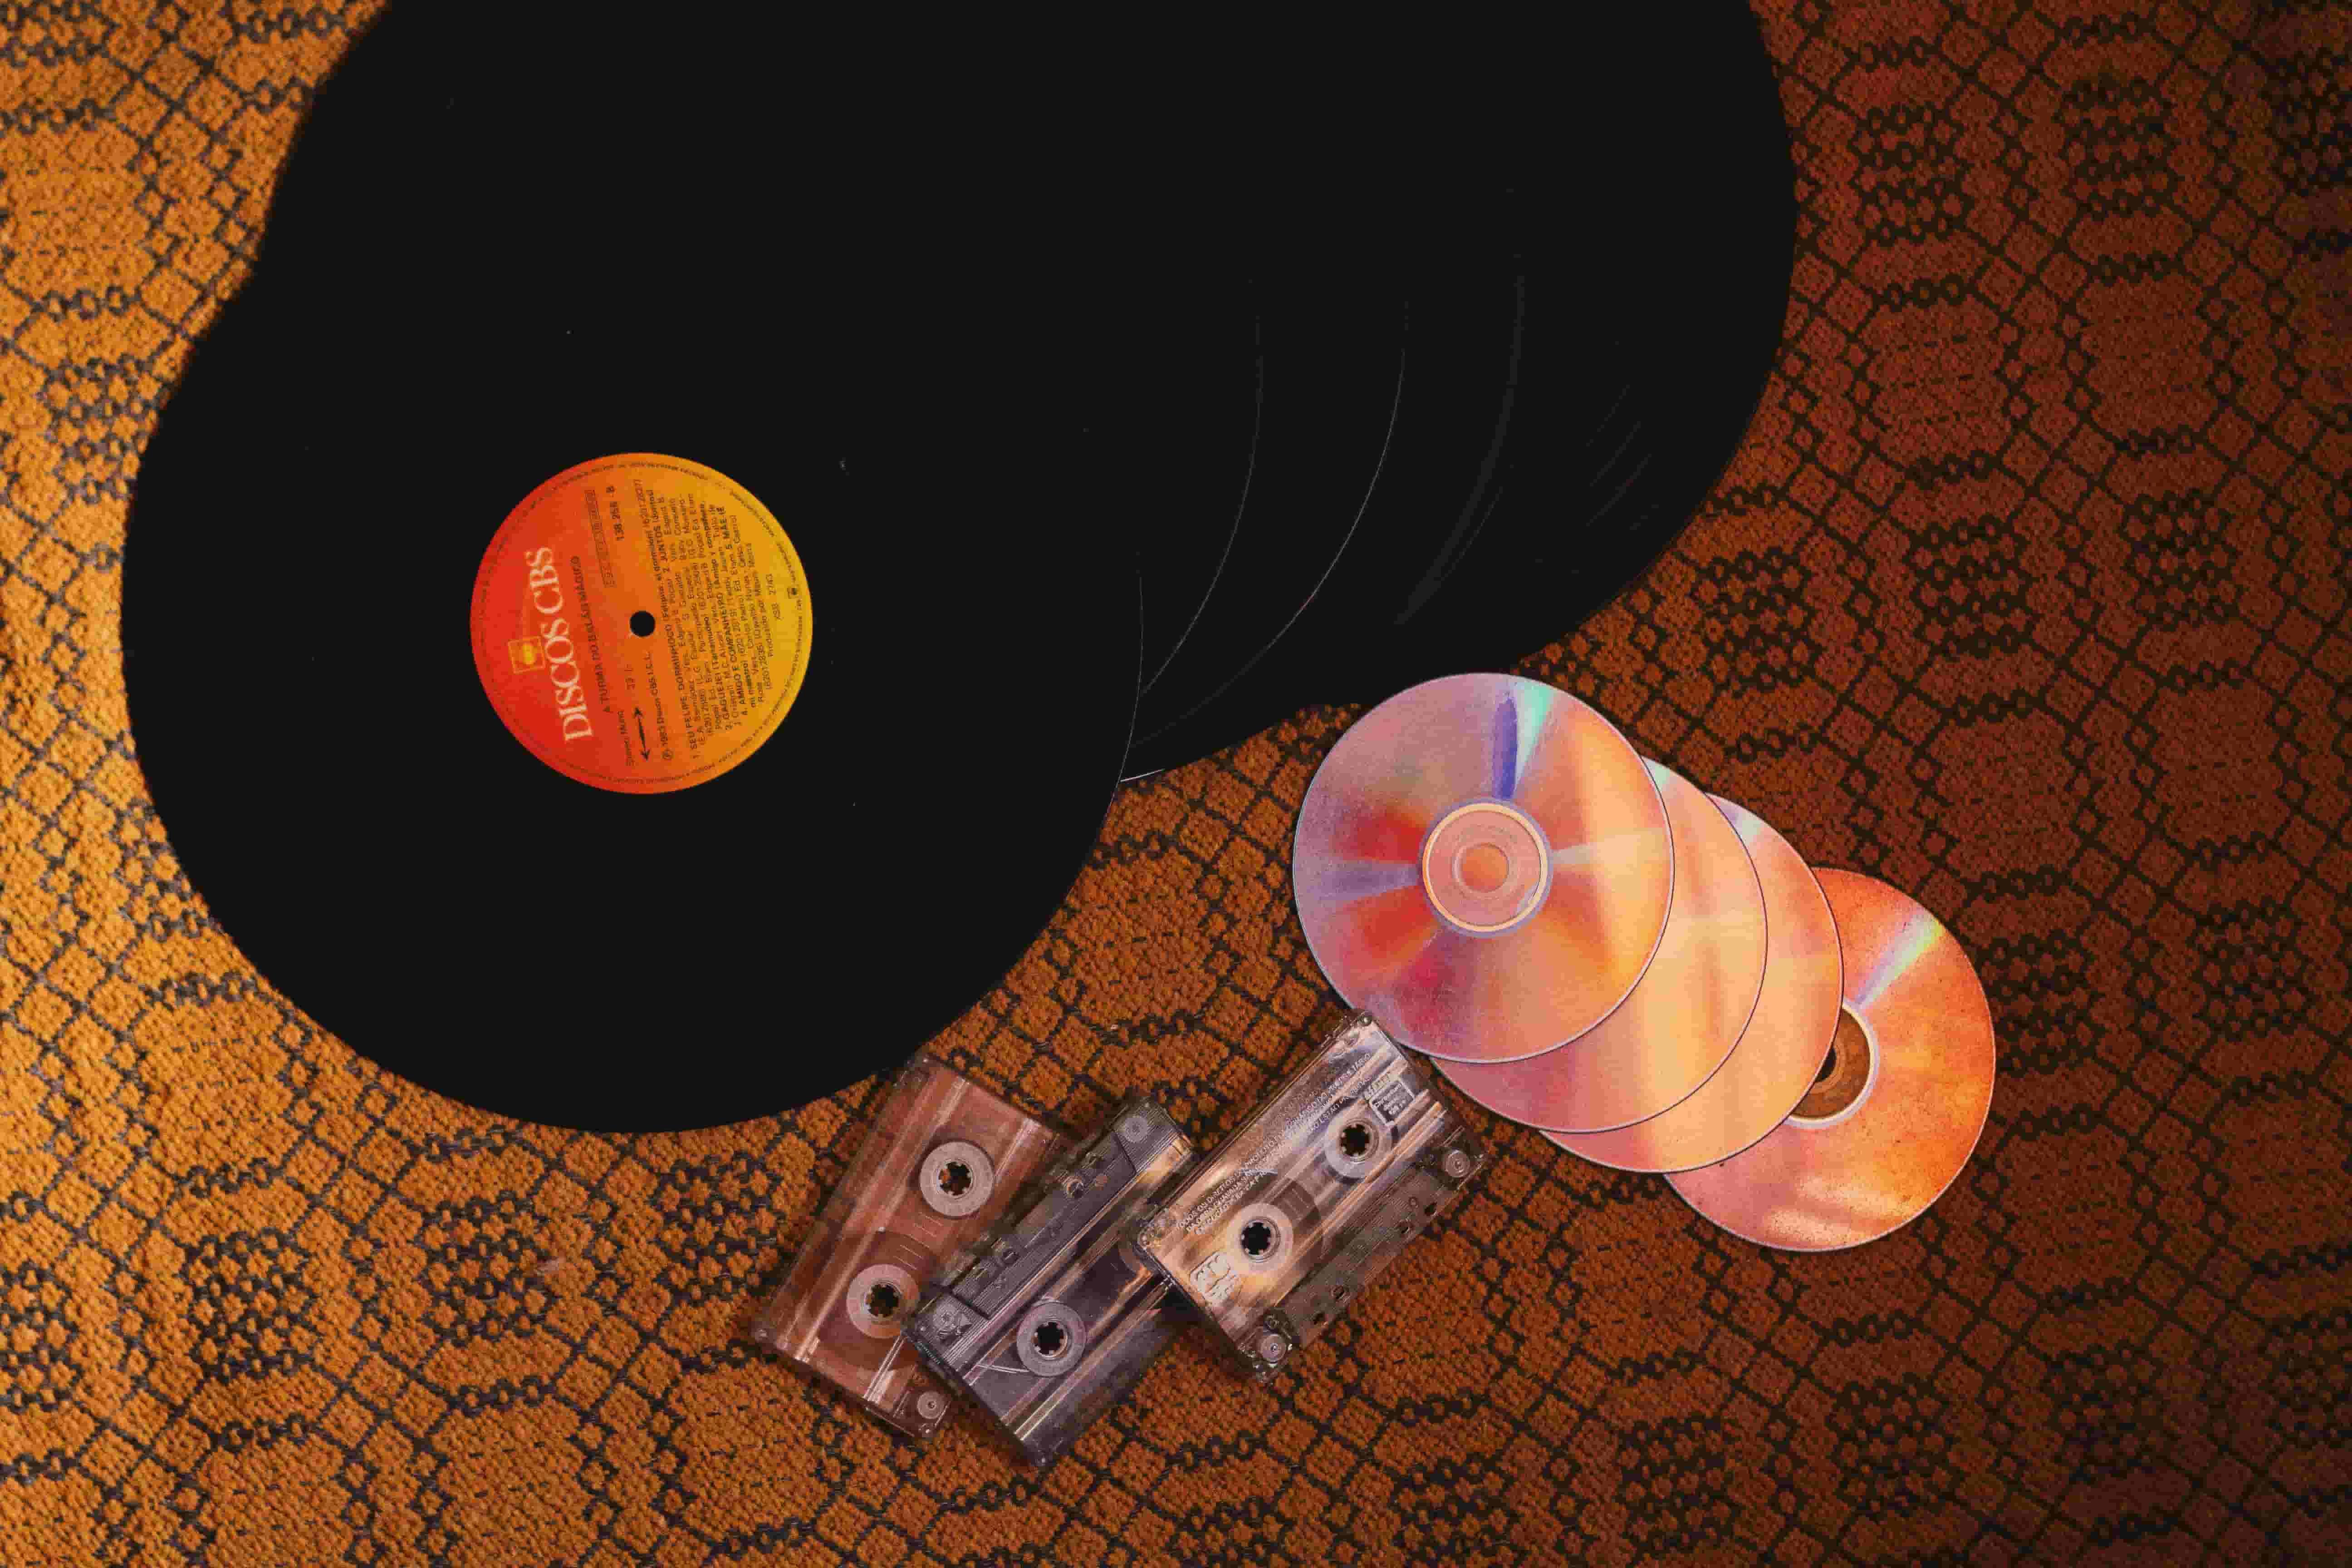 ケツのデモ 感想や収録曲や歌詞、メンバーの音楽の方向性について